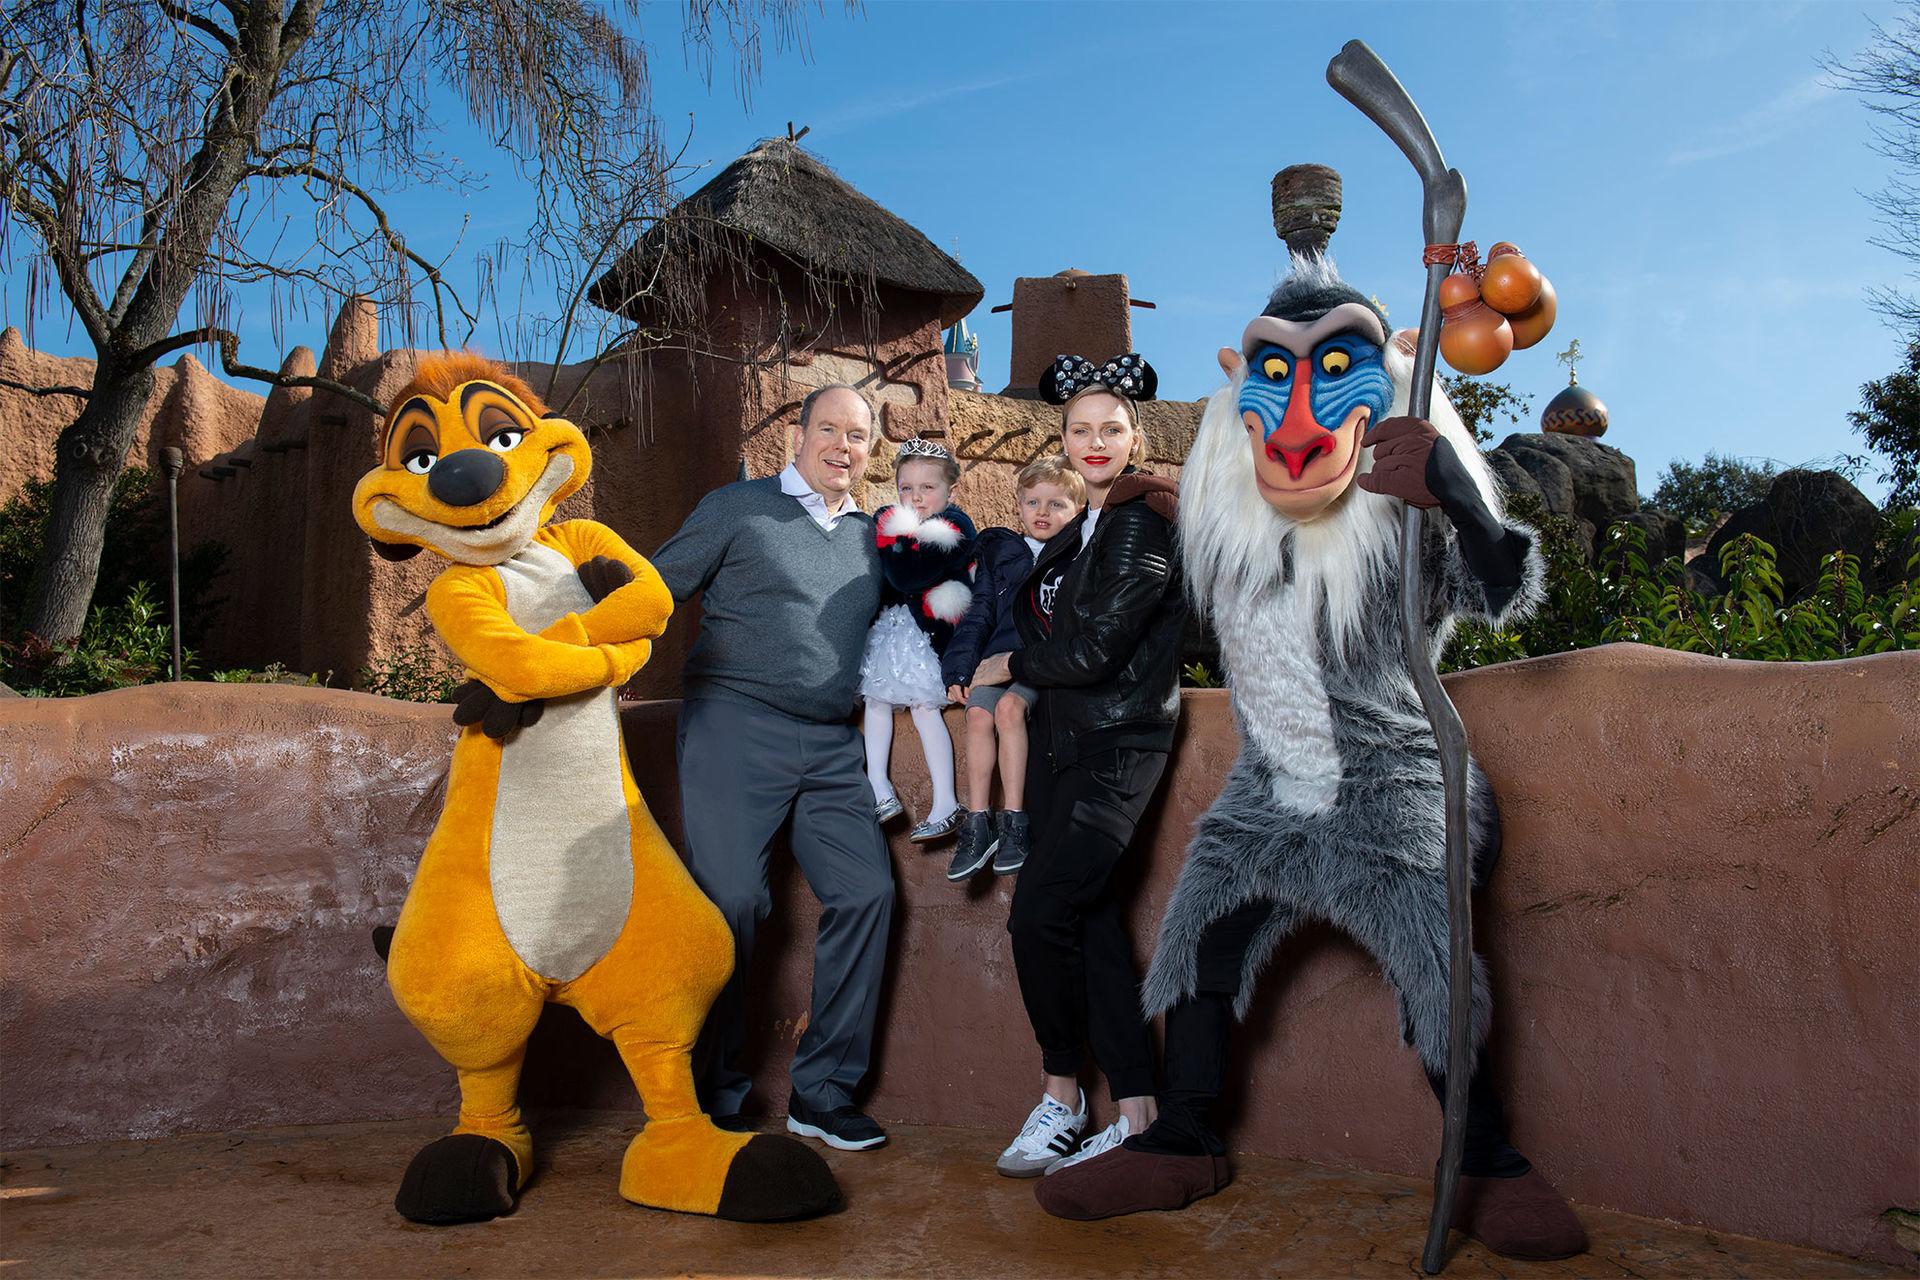 Personaggi famosi che fanno visita a Disneylanbd Paris Hd192029